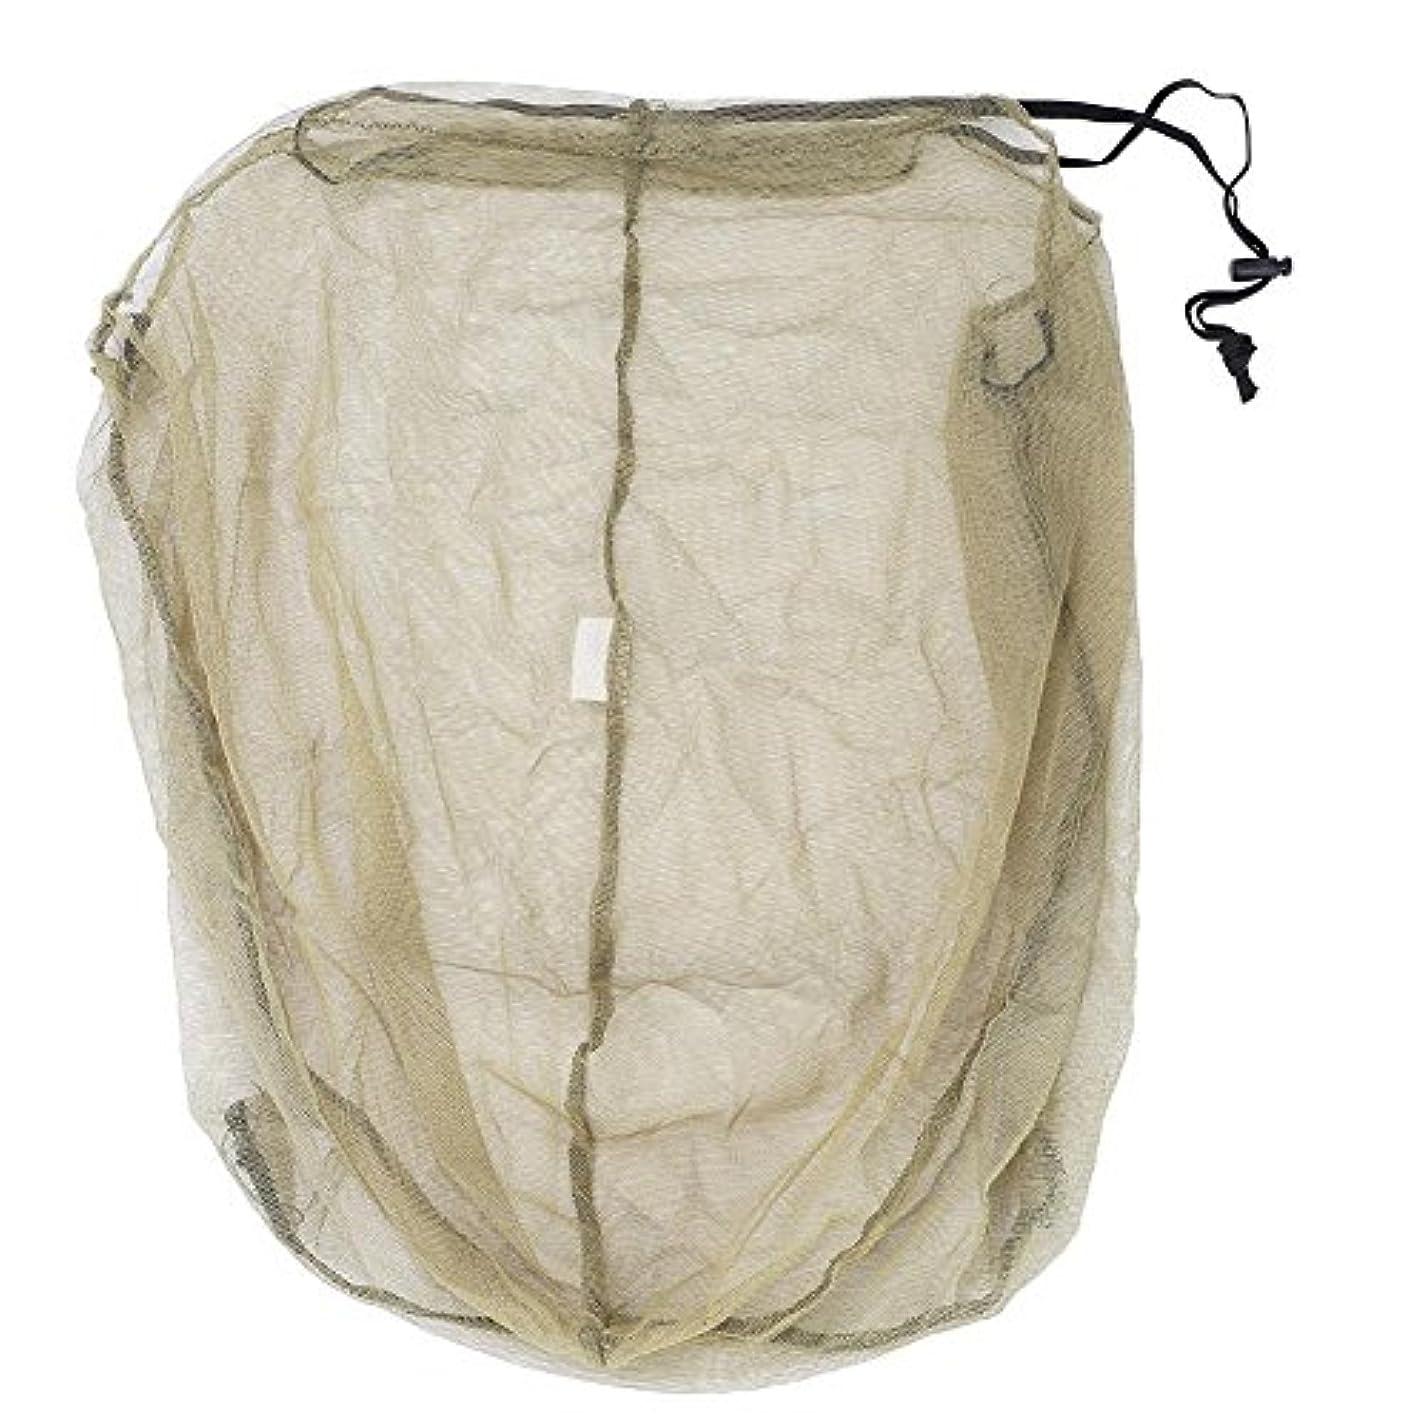 ぴかぴか追跡正直虫除けヘッドカバー 防虫ネット 蚊よけヘッドネット アウトドア キャンプ 釣り 登山 フリーサイズ